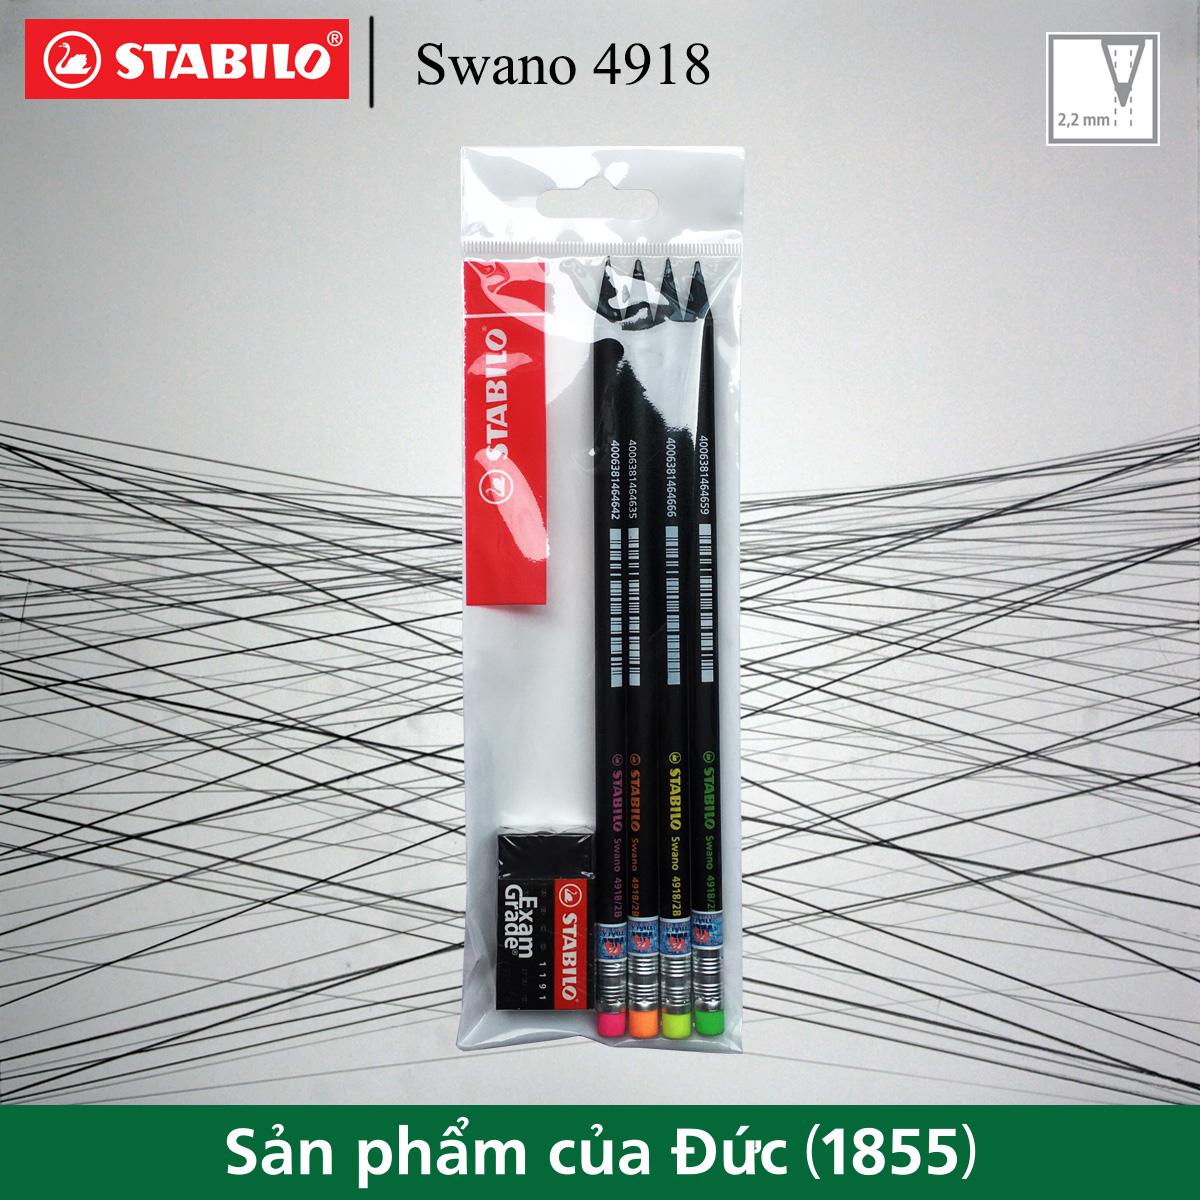 Bộ 4 bút chì gỗ STABILO Swano 4918 2B thân đen, đầu tẩy x 4 màu + tẩy ER191E (PC4918-C4+)